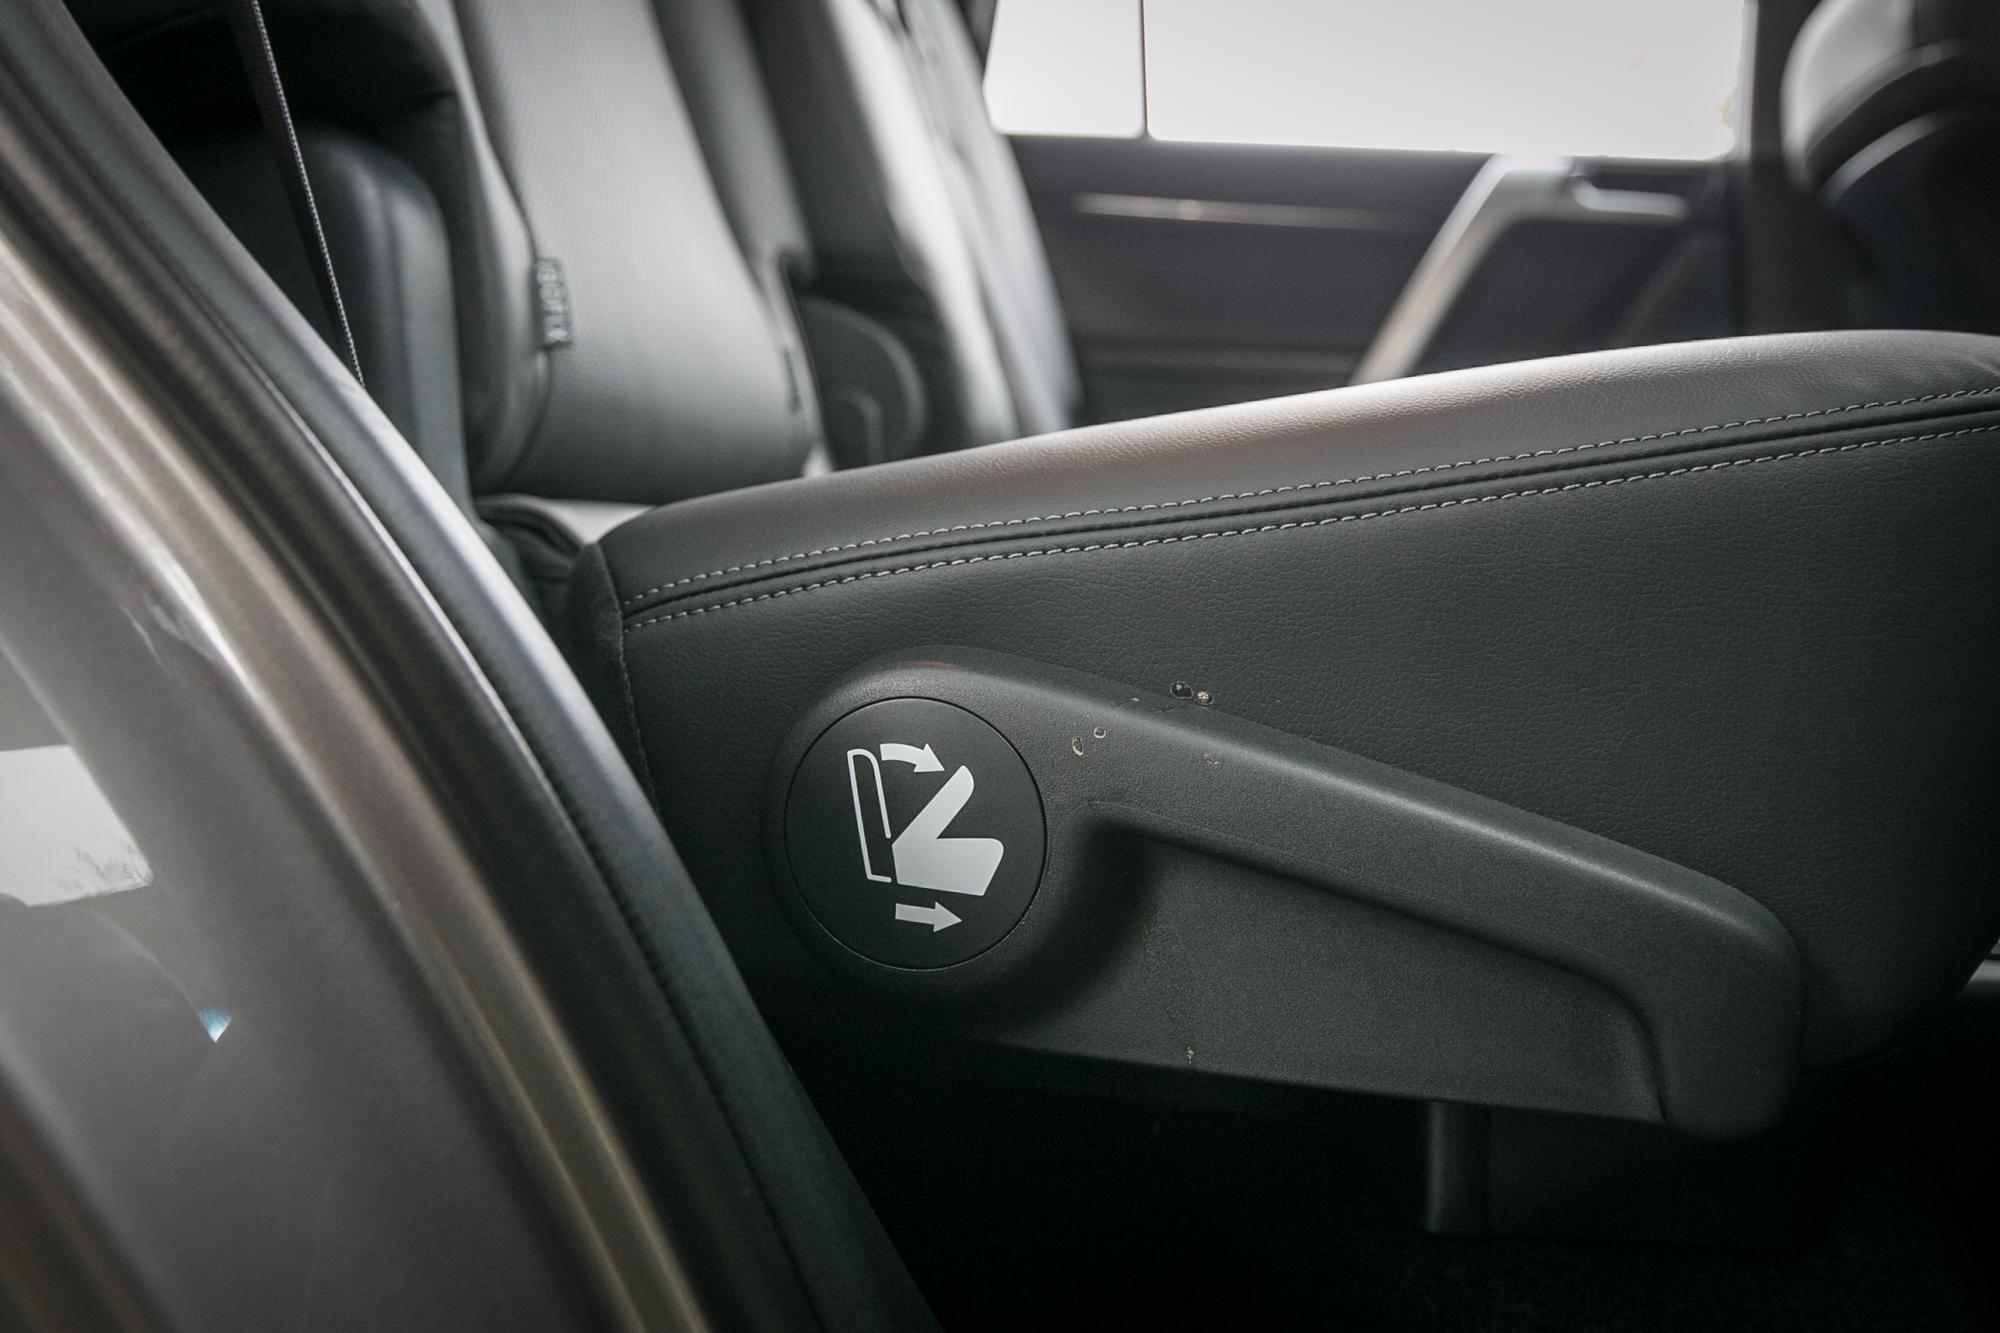 第二排座椅右側具備有快捷把手,可以快速把座椅往前位移,騰出第三排乘客進出空間,但礙於車身高度與軸距長度,進出難度還是頗高。